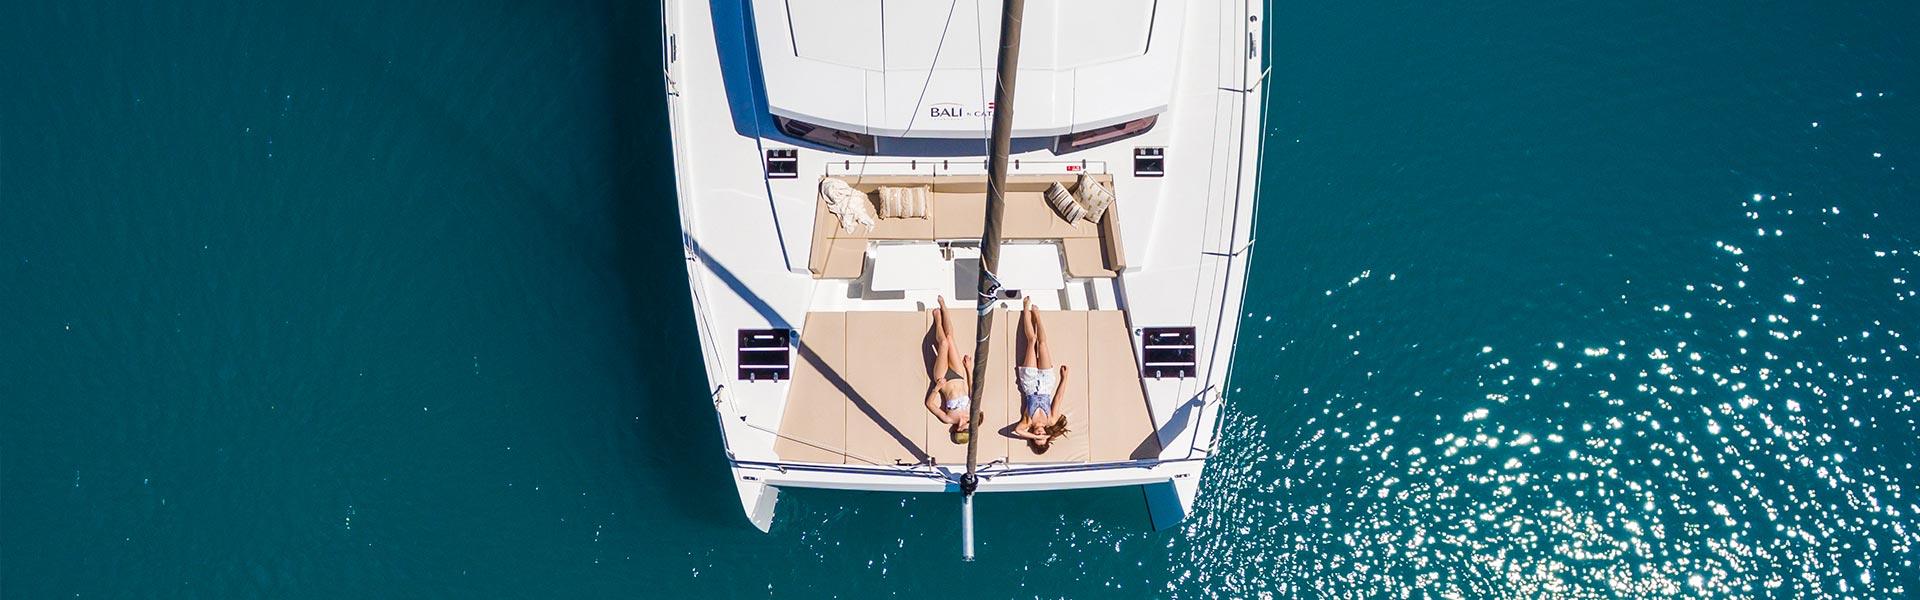 Whitsunday Holiday Yachting